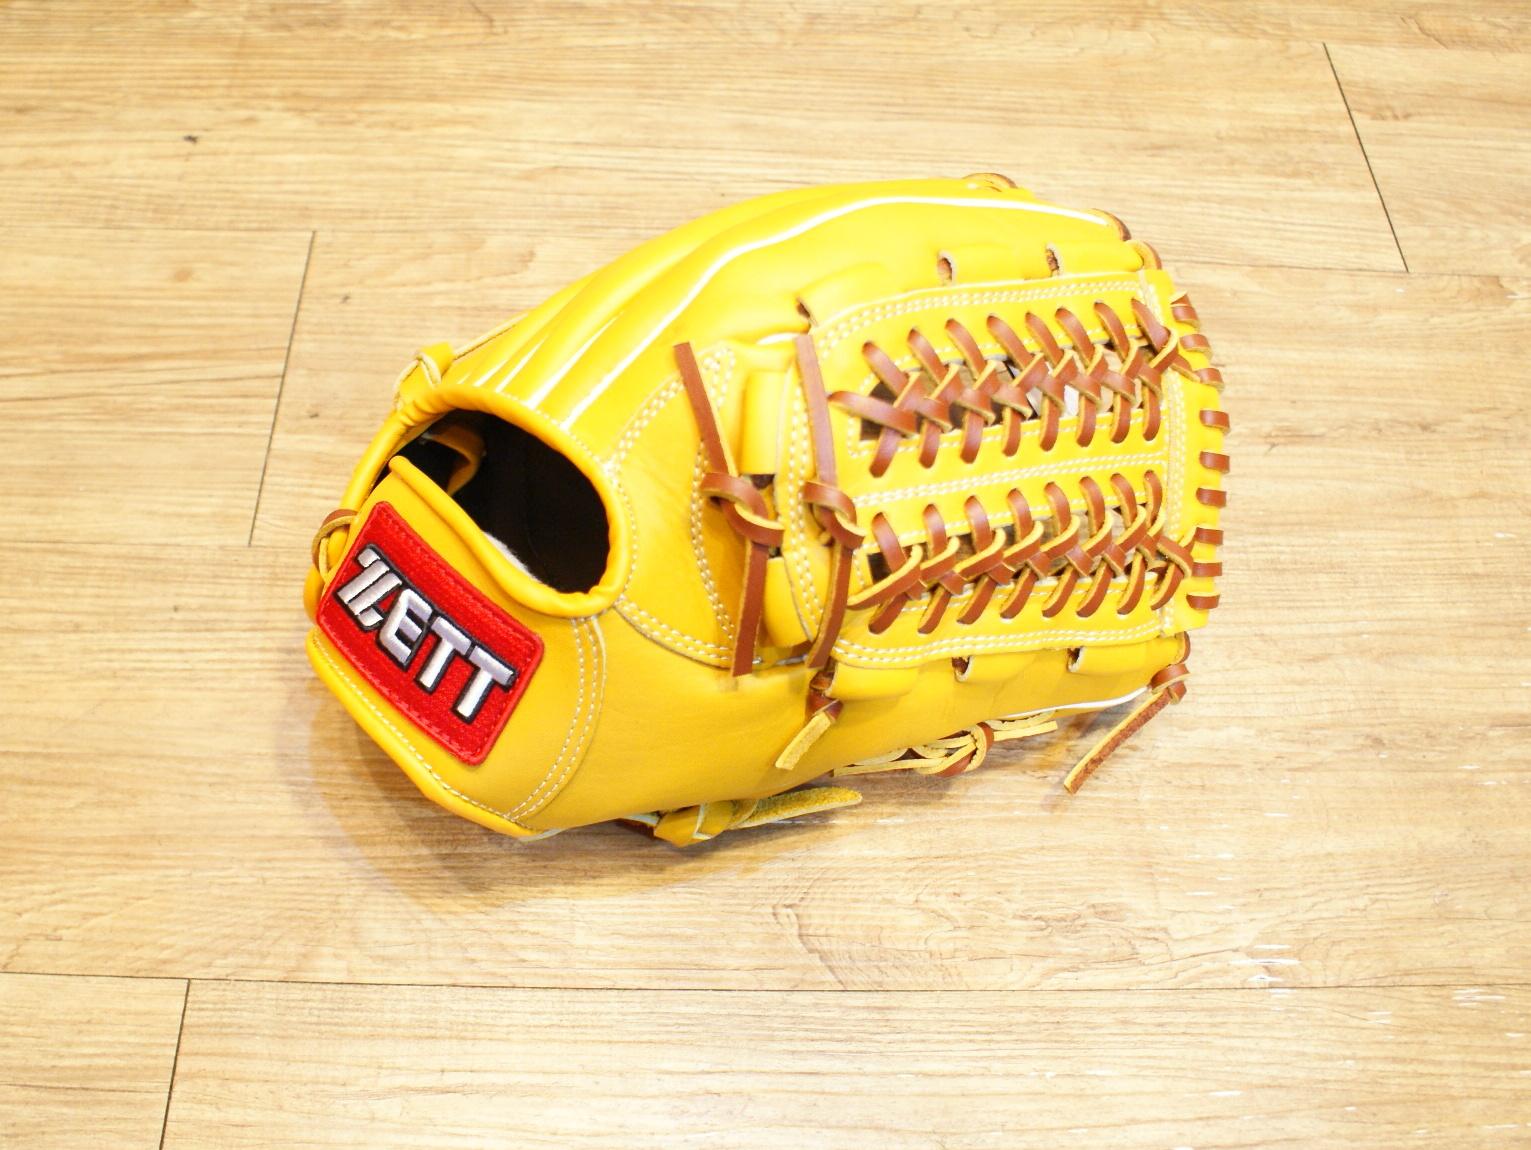 棒球世界 全新zett原皮色棒壘球手套 特價 網狀球檔 12.吋